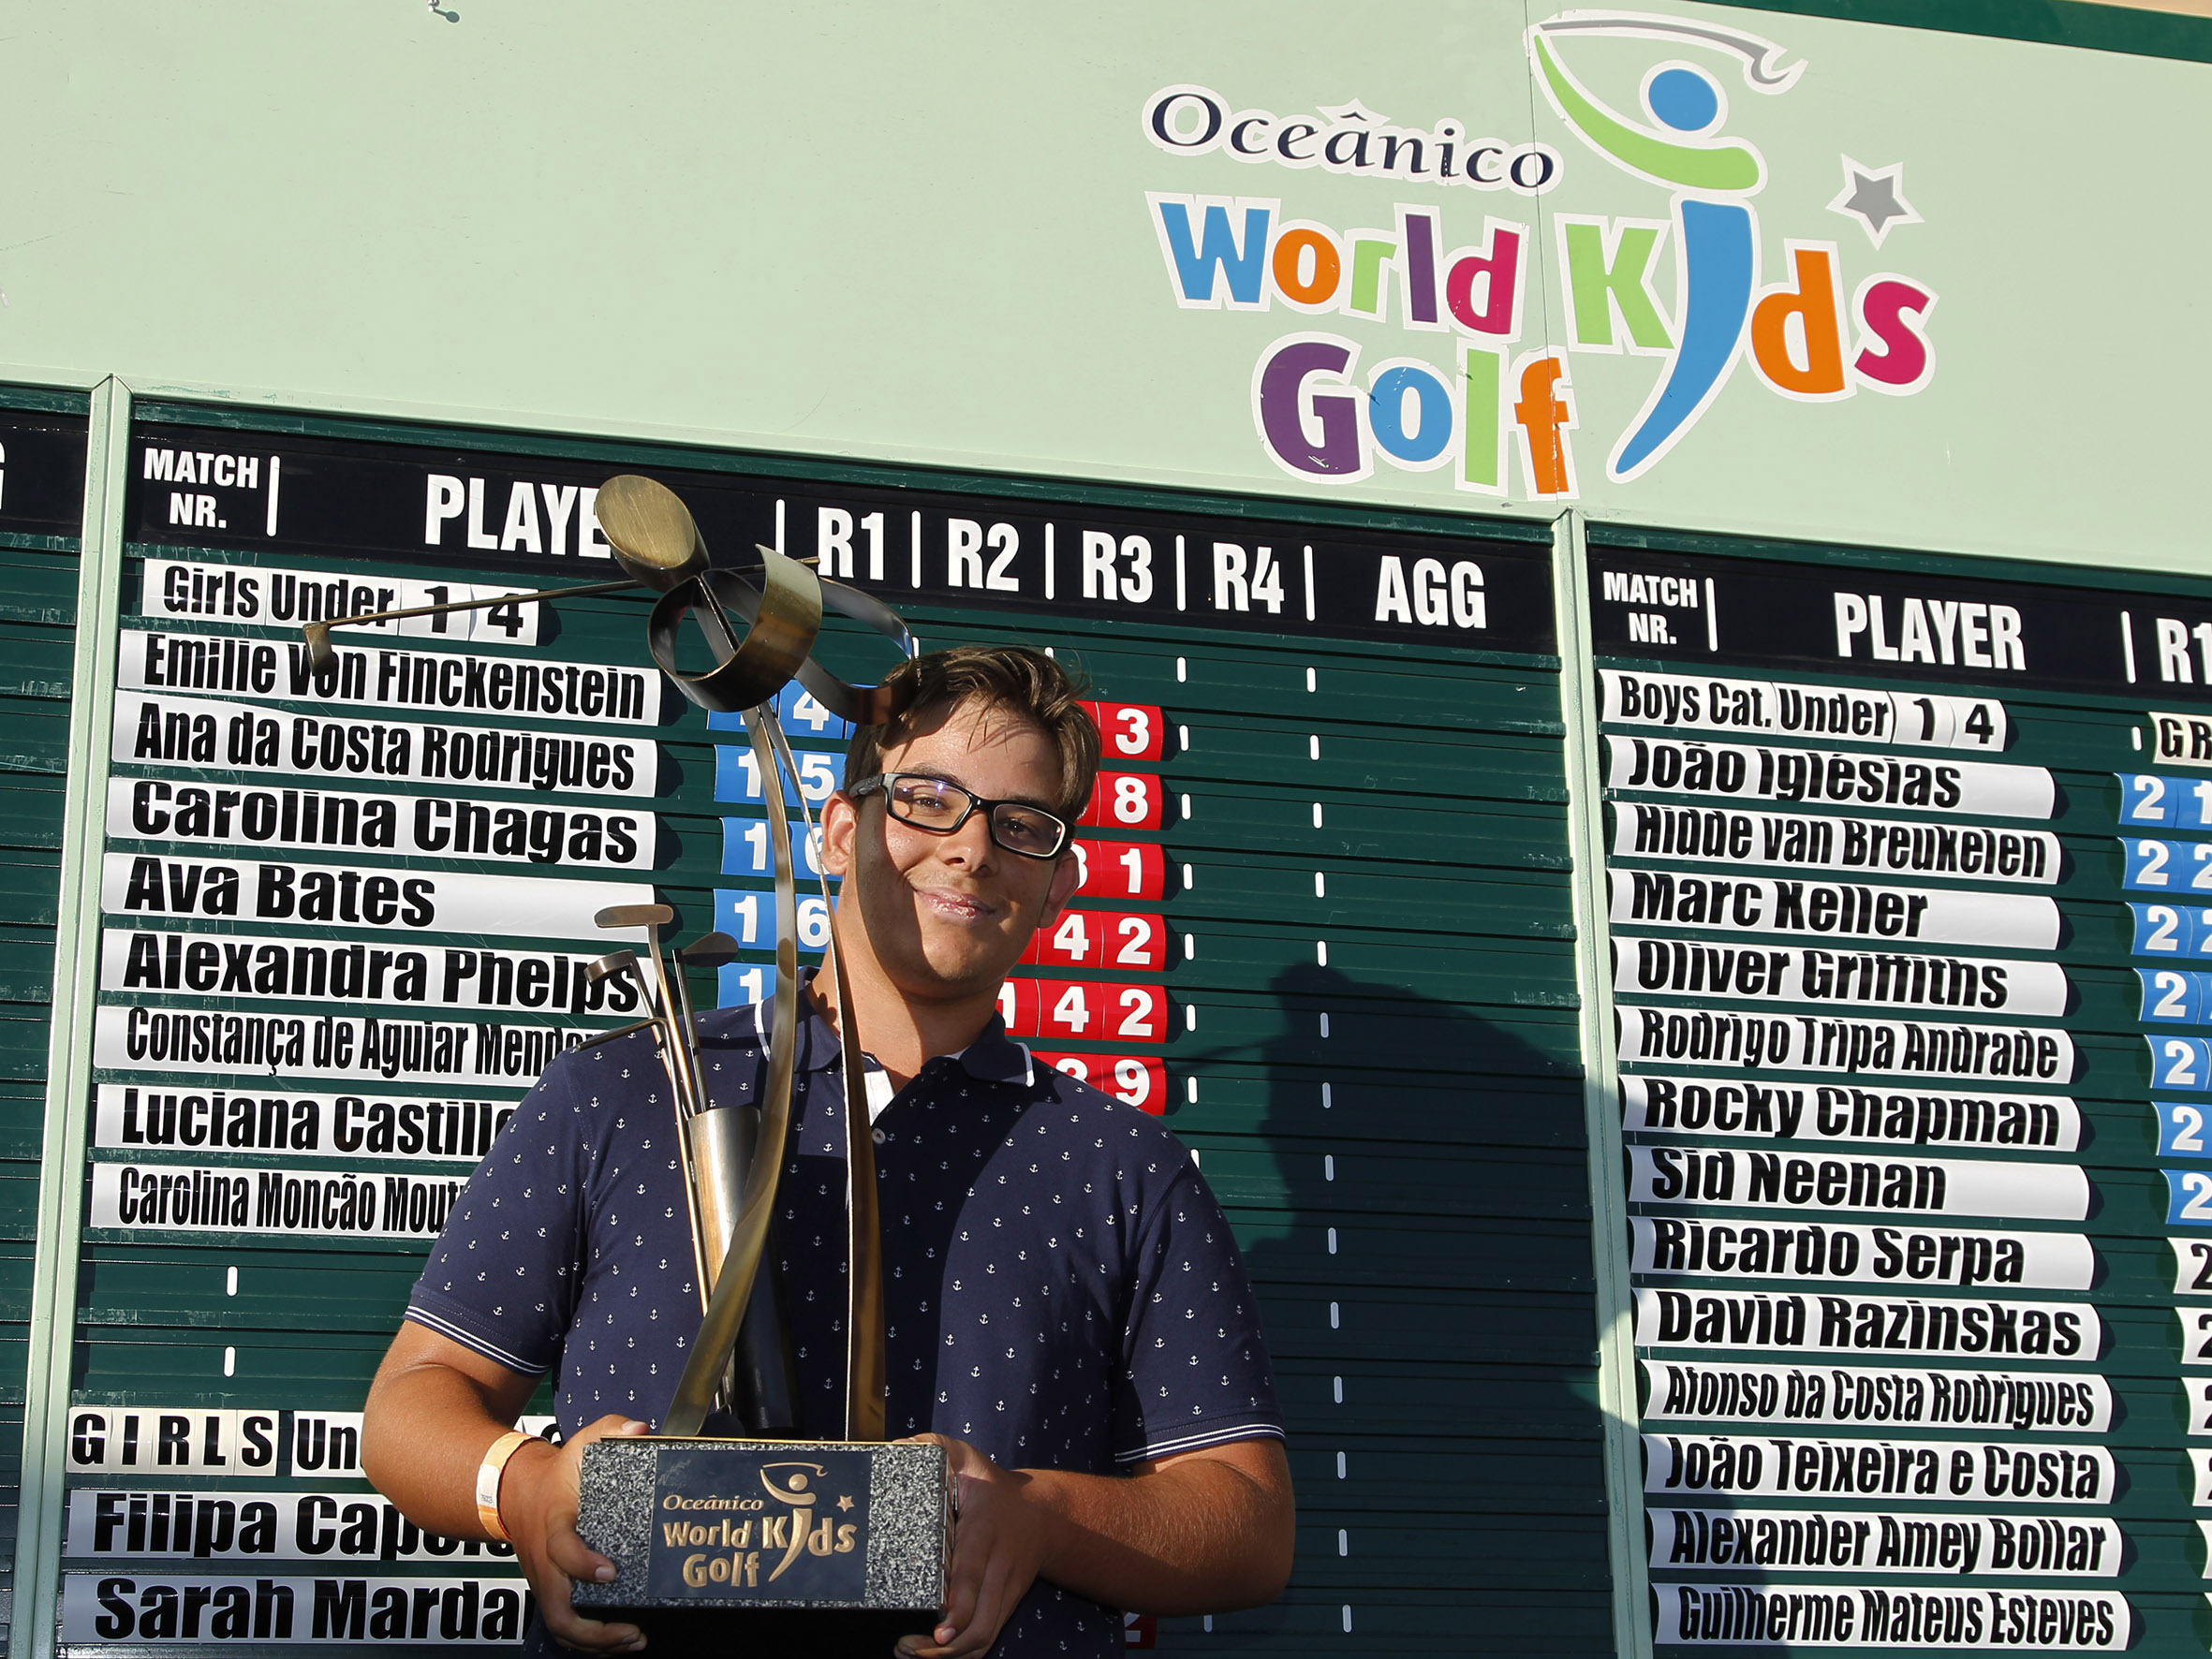 World Kids Golf – MARTIM BAPTISTA TENTA DEFENDER O TÍTULO COM CARREIRA REFORÇADA